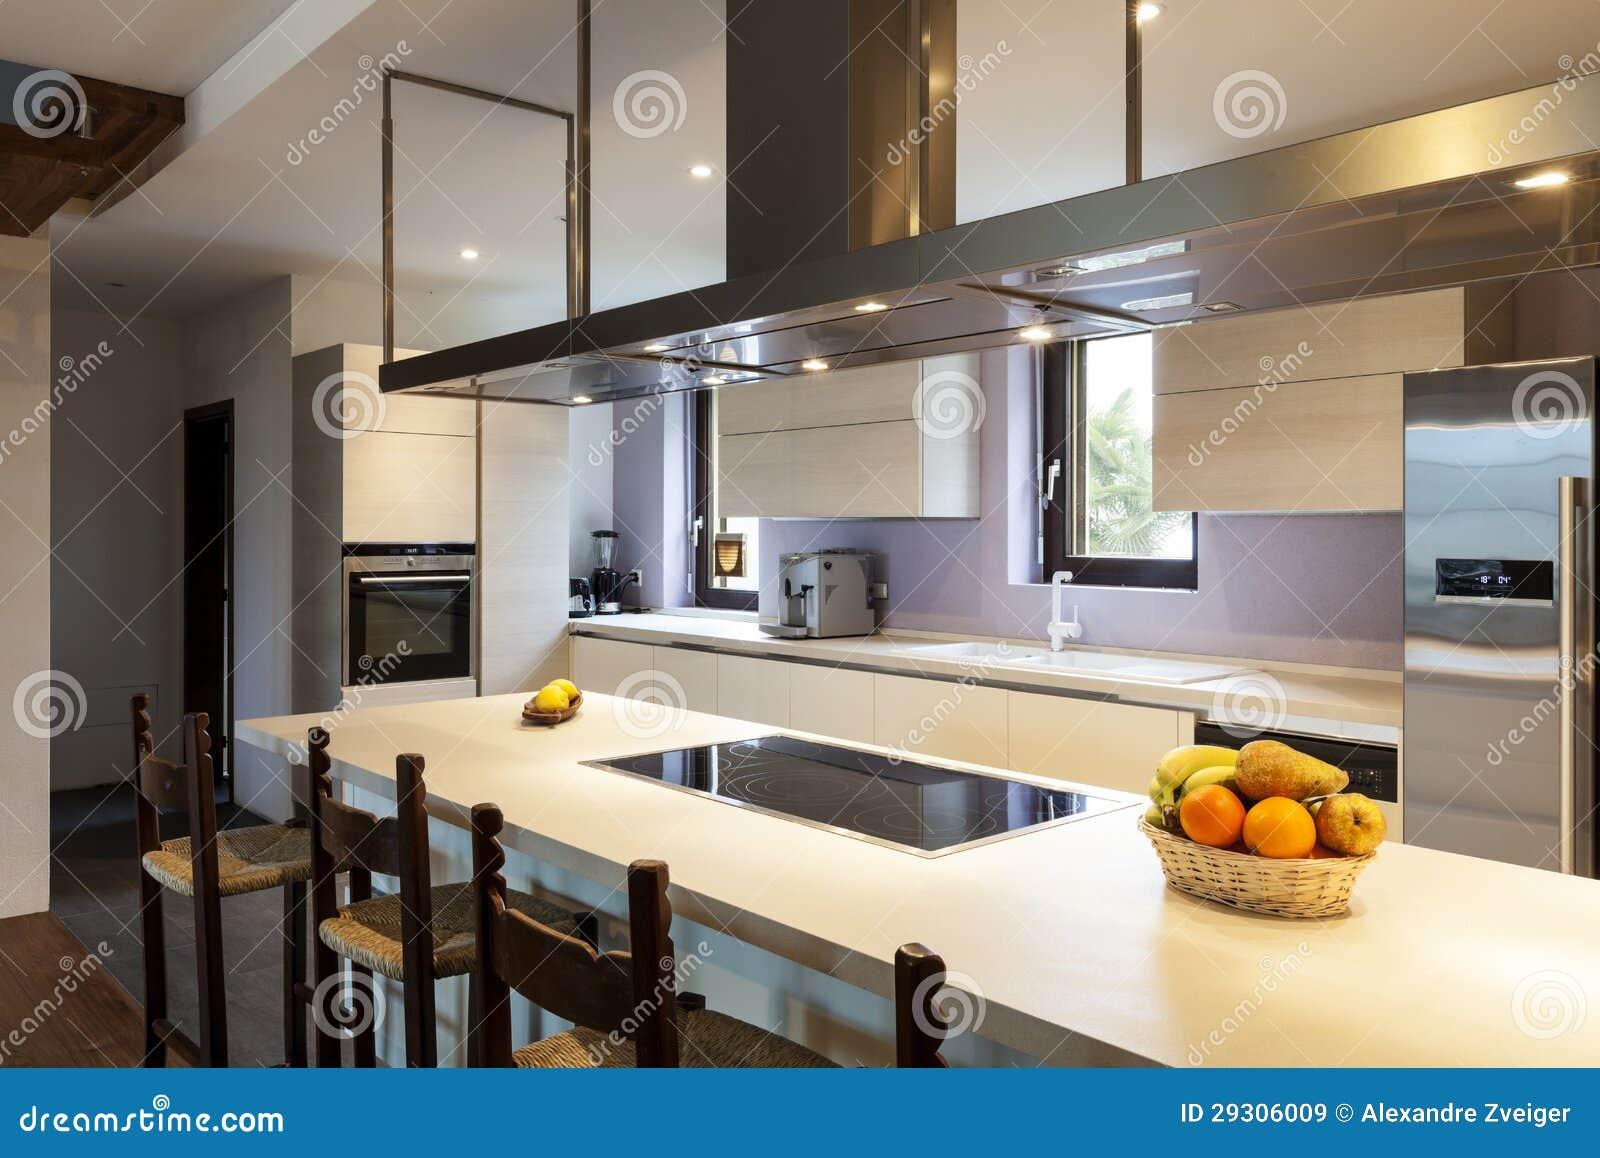 Wnętrze Dom, Kuchnia Obrazy Royalty Free  Obraz 29306009 -> Kuchnie Prowansalskie Obrazy